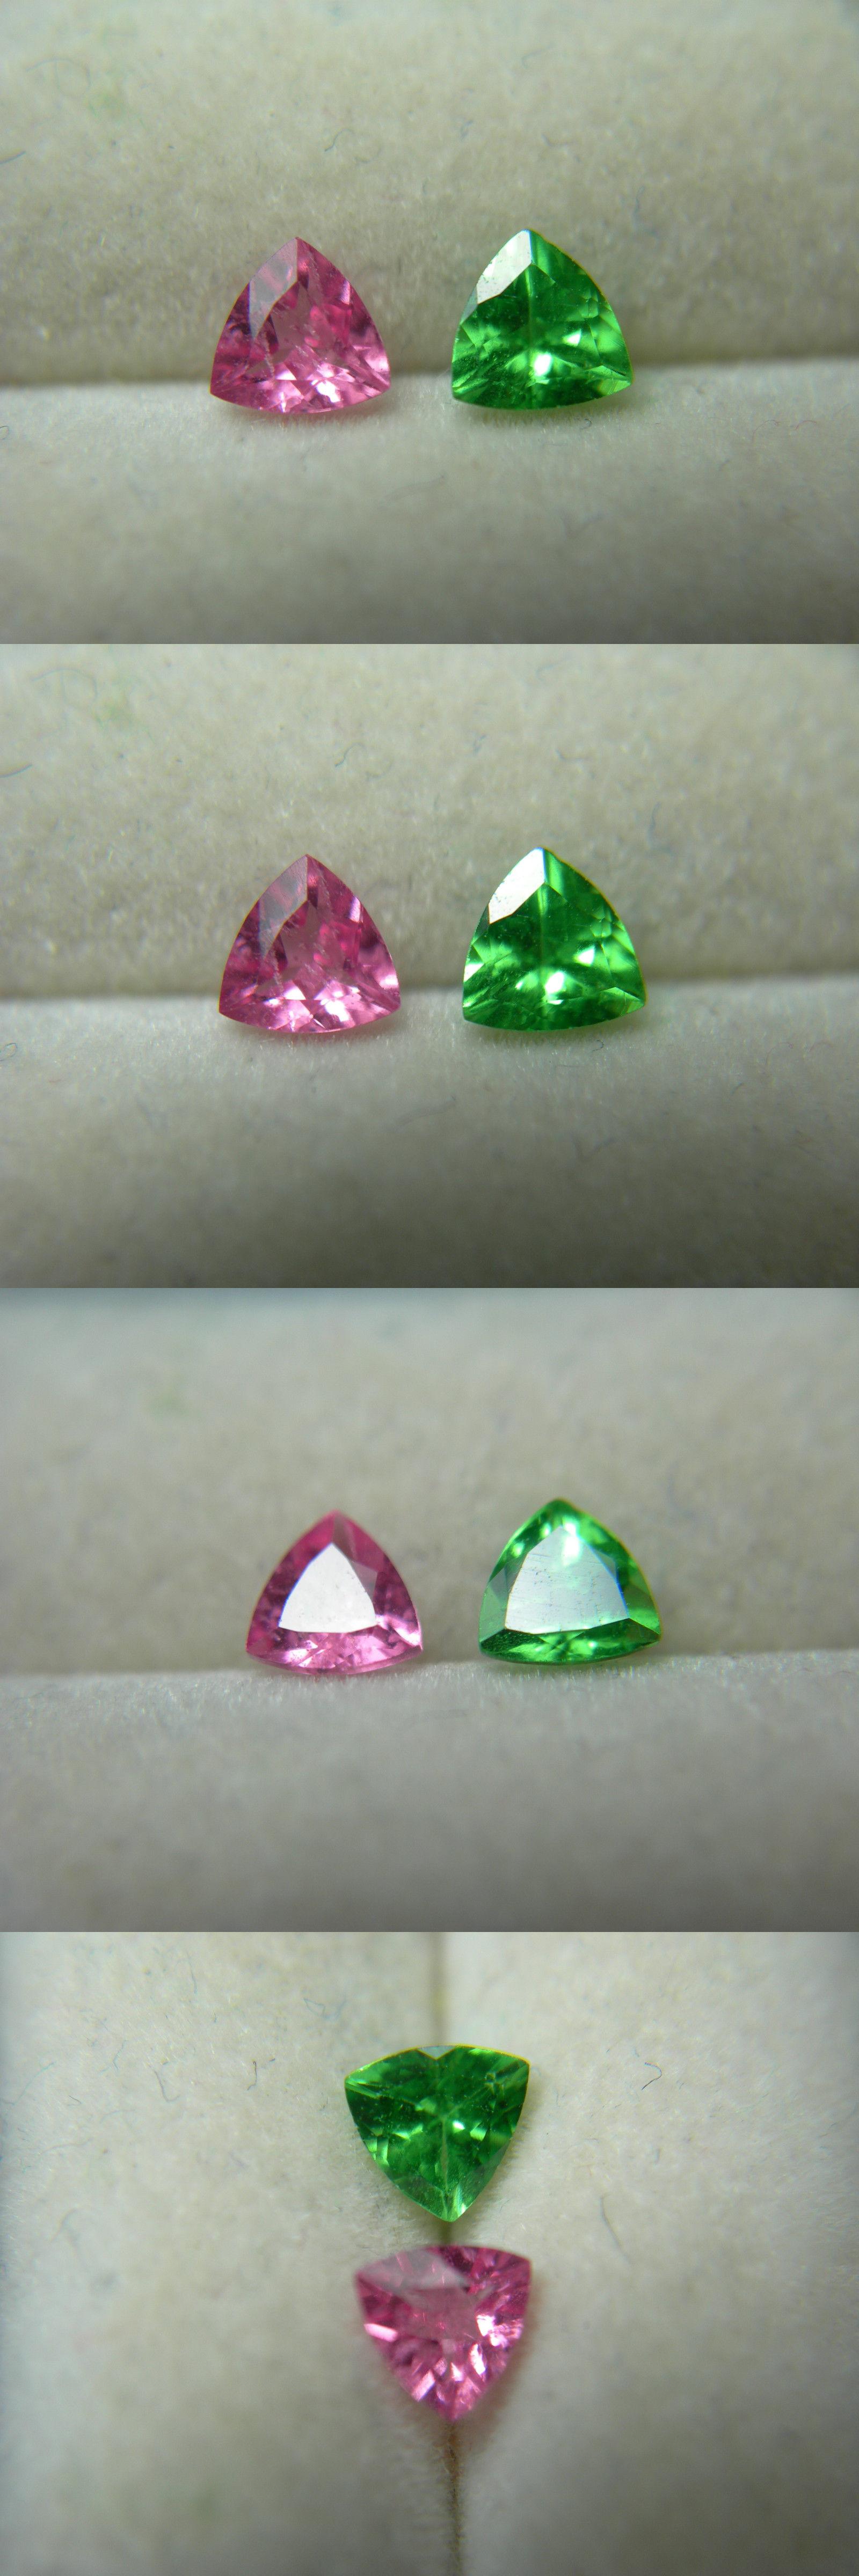 Tsavorite 110809: Rare Pair Tsavorite Garnet And Hot Pink Spinel ...